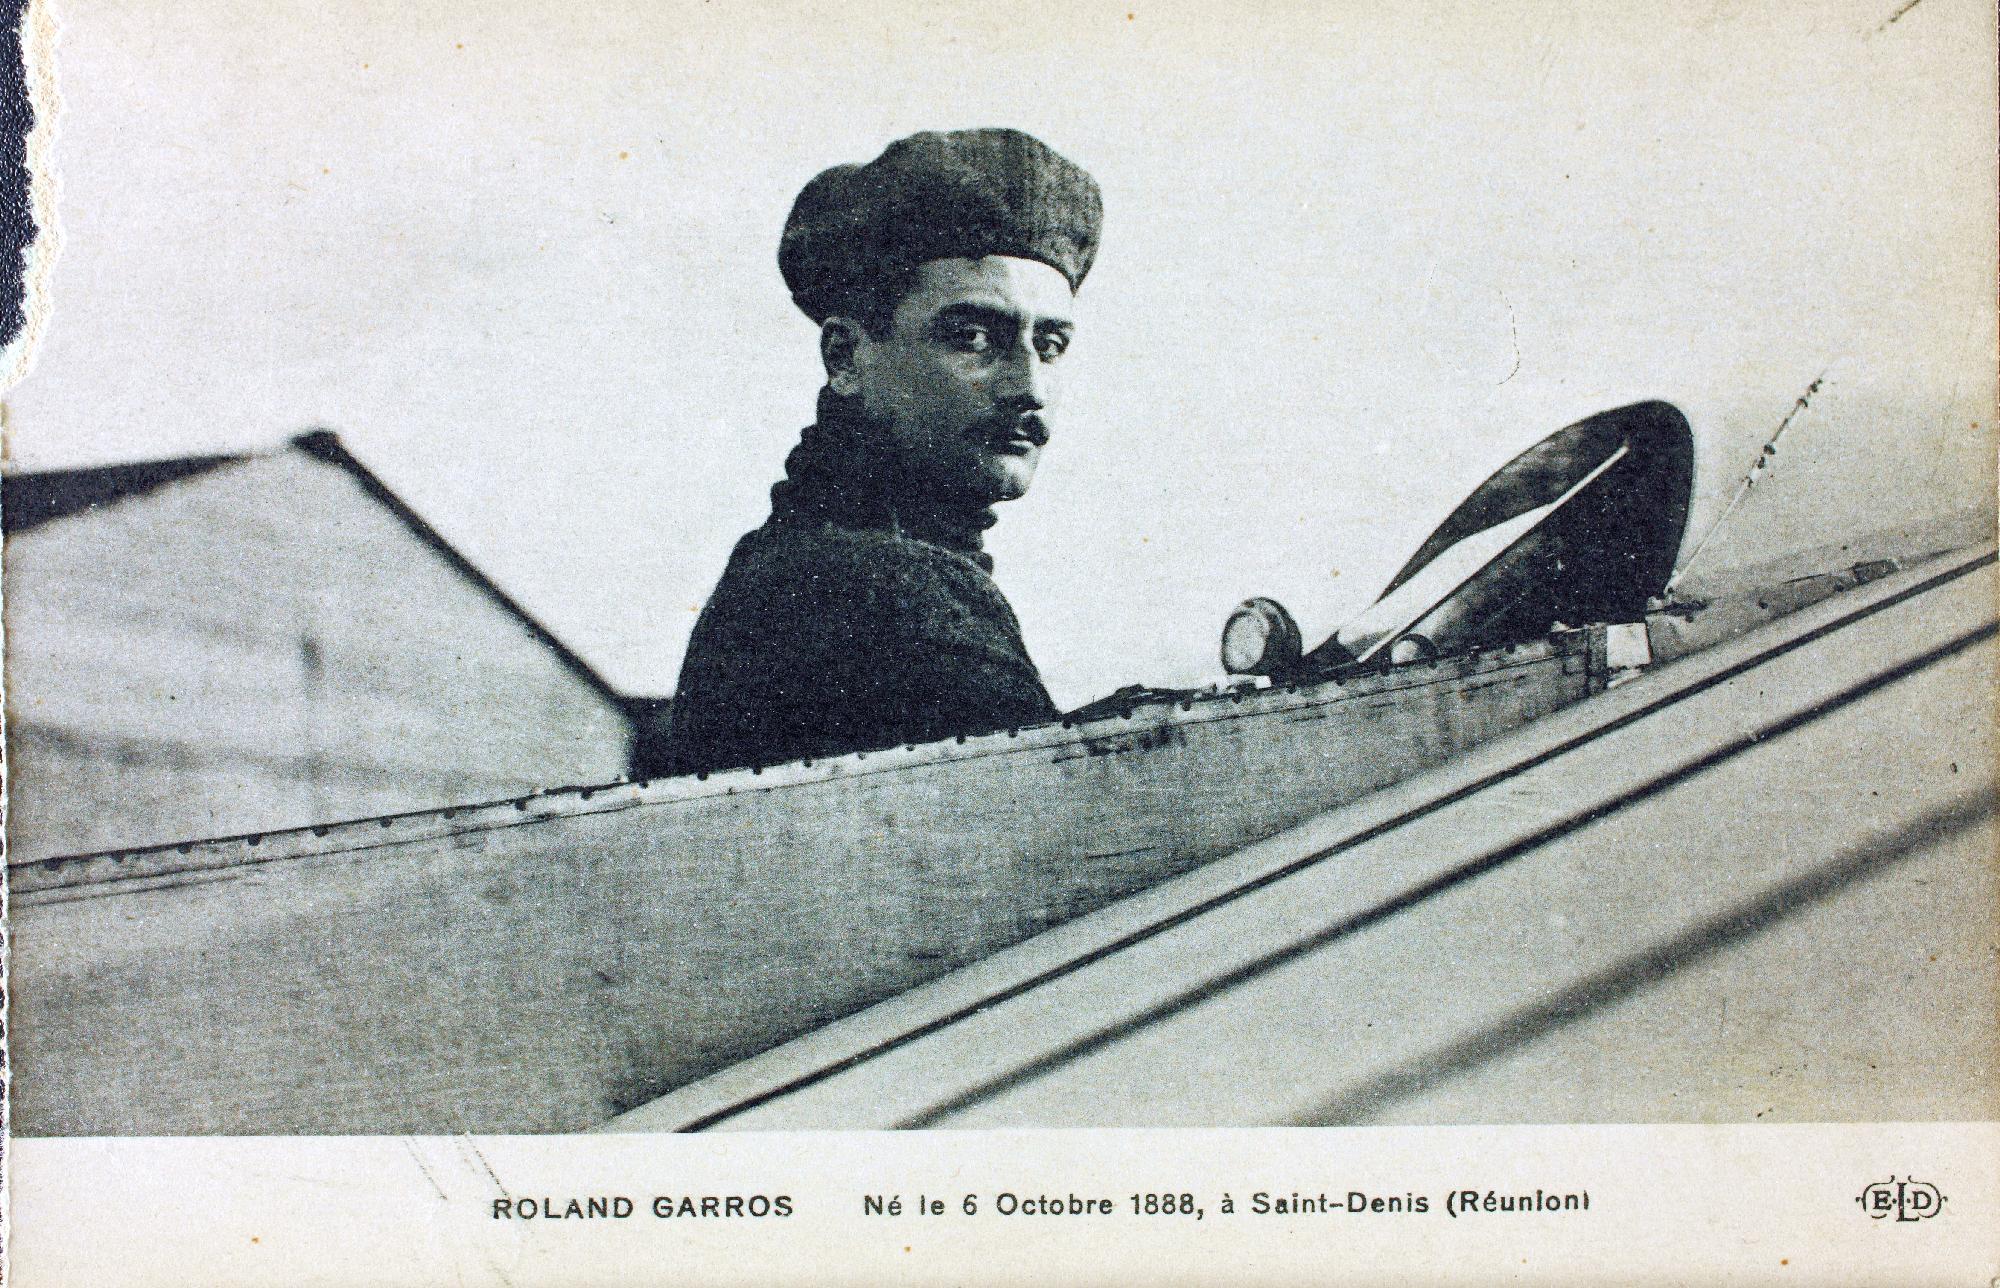 Roland_Garros_(aviator)